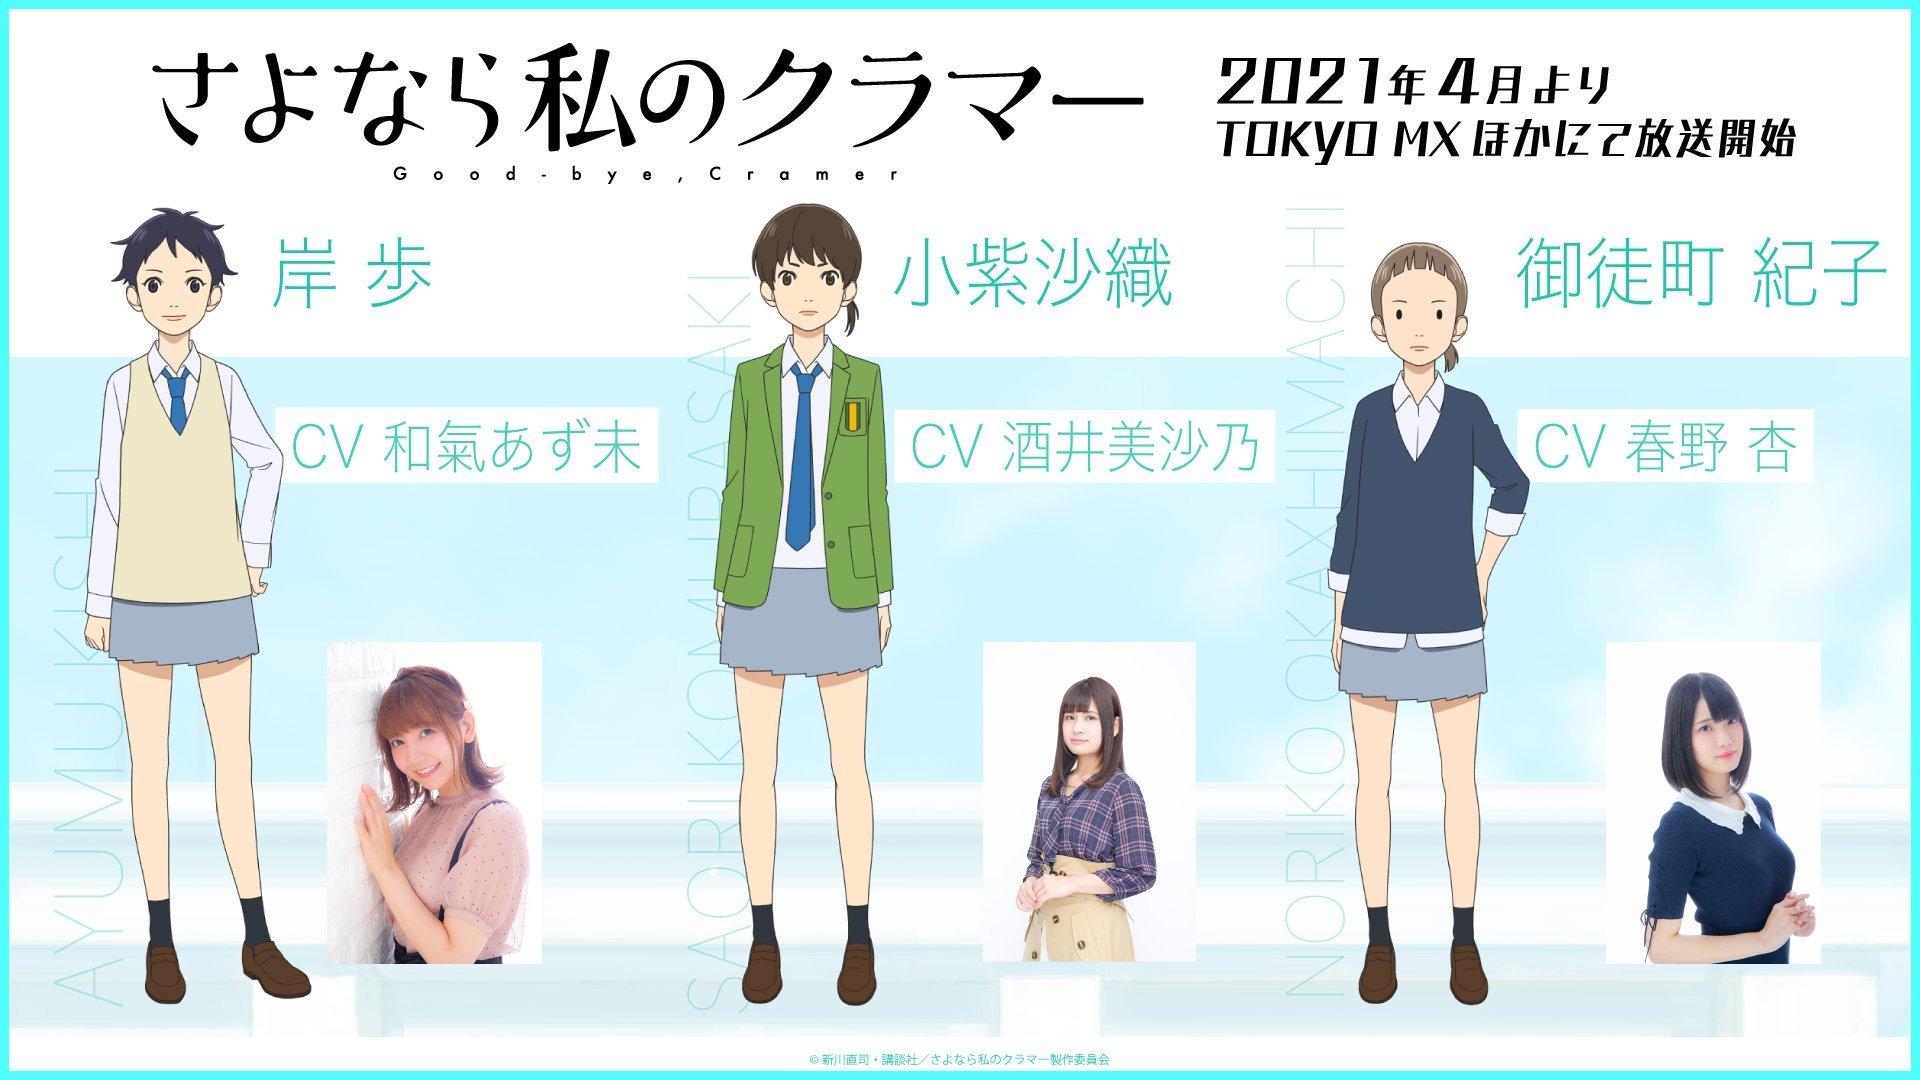 Azumi Waki als Ayumi Kishi, Misano Sakai als Saori Koshi, Anzu Haruno als Noriko Okachimachi